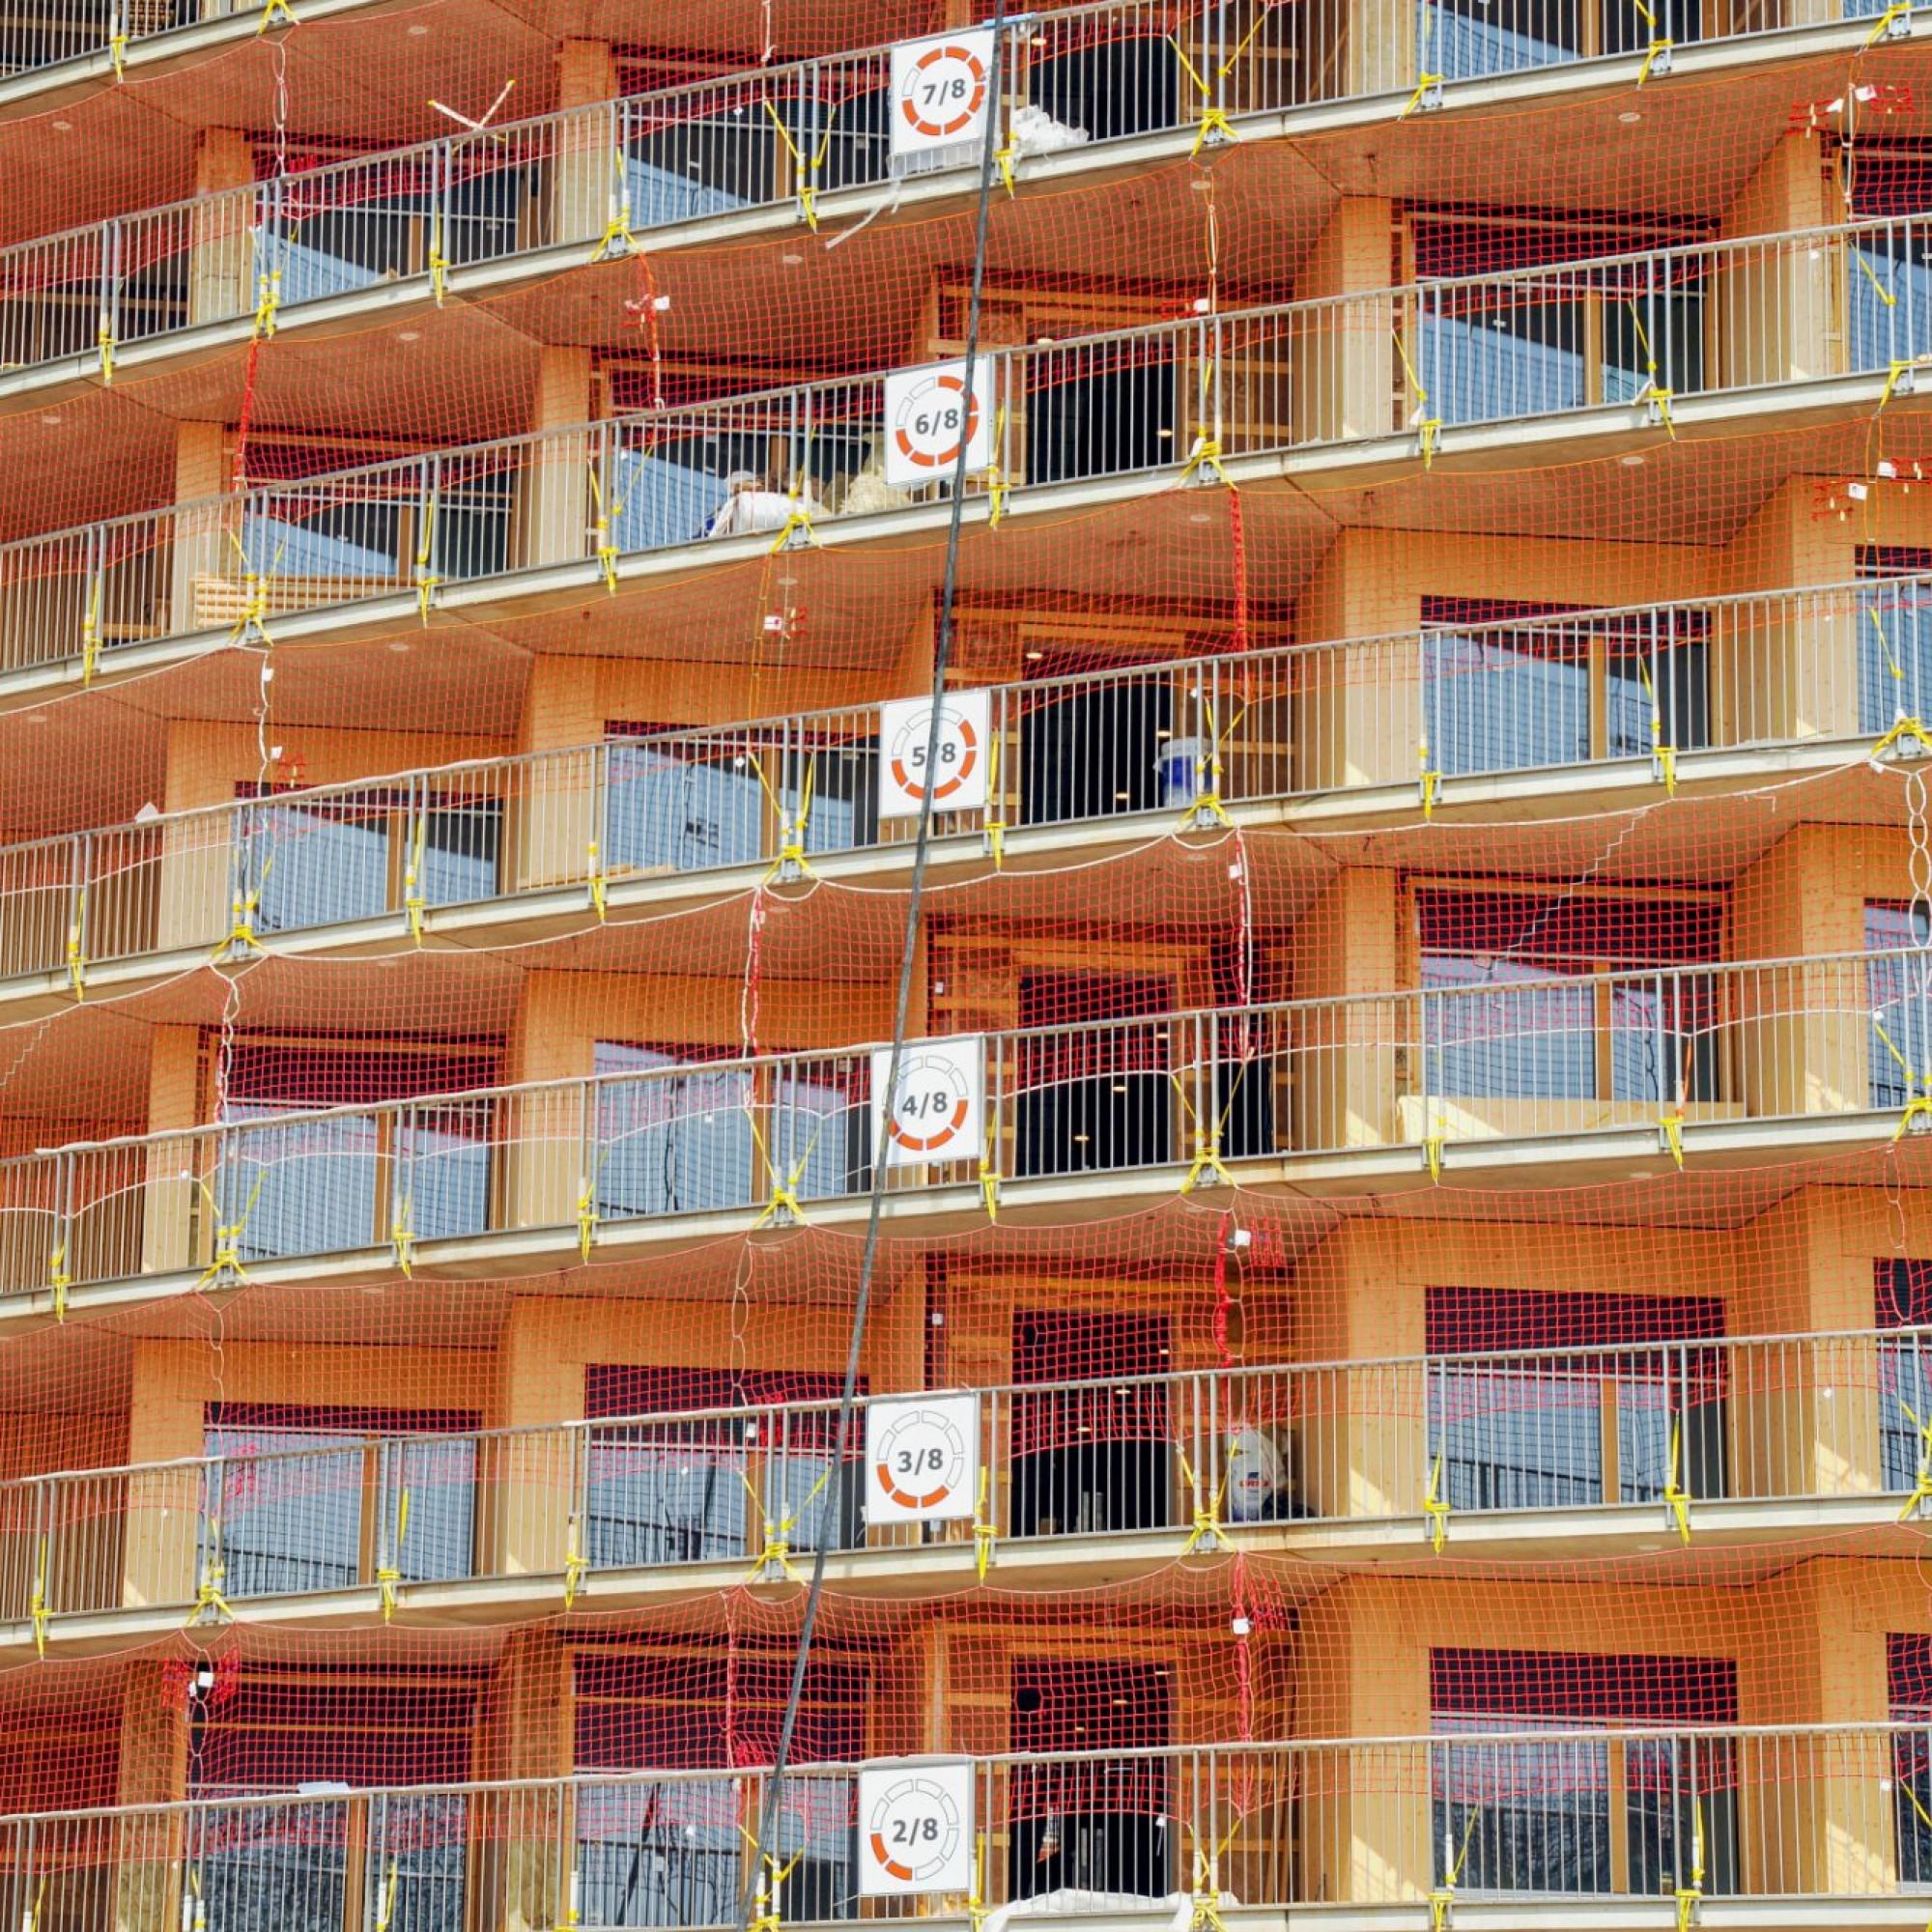 Der kreisrunde Bau mit durchgehender Rampe macht die Orientierung für die Arbeitenden auf der Baustelle knifflig: Nur dank Übersichtstafel lässt sich exakt eruieren, auf welchem Stockwerk man sich gerade befindet.